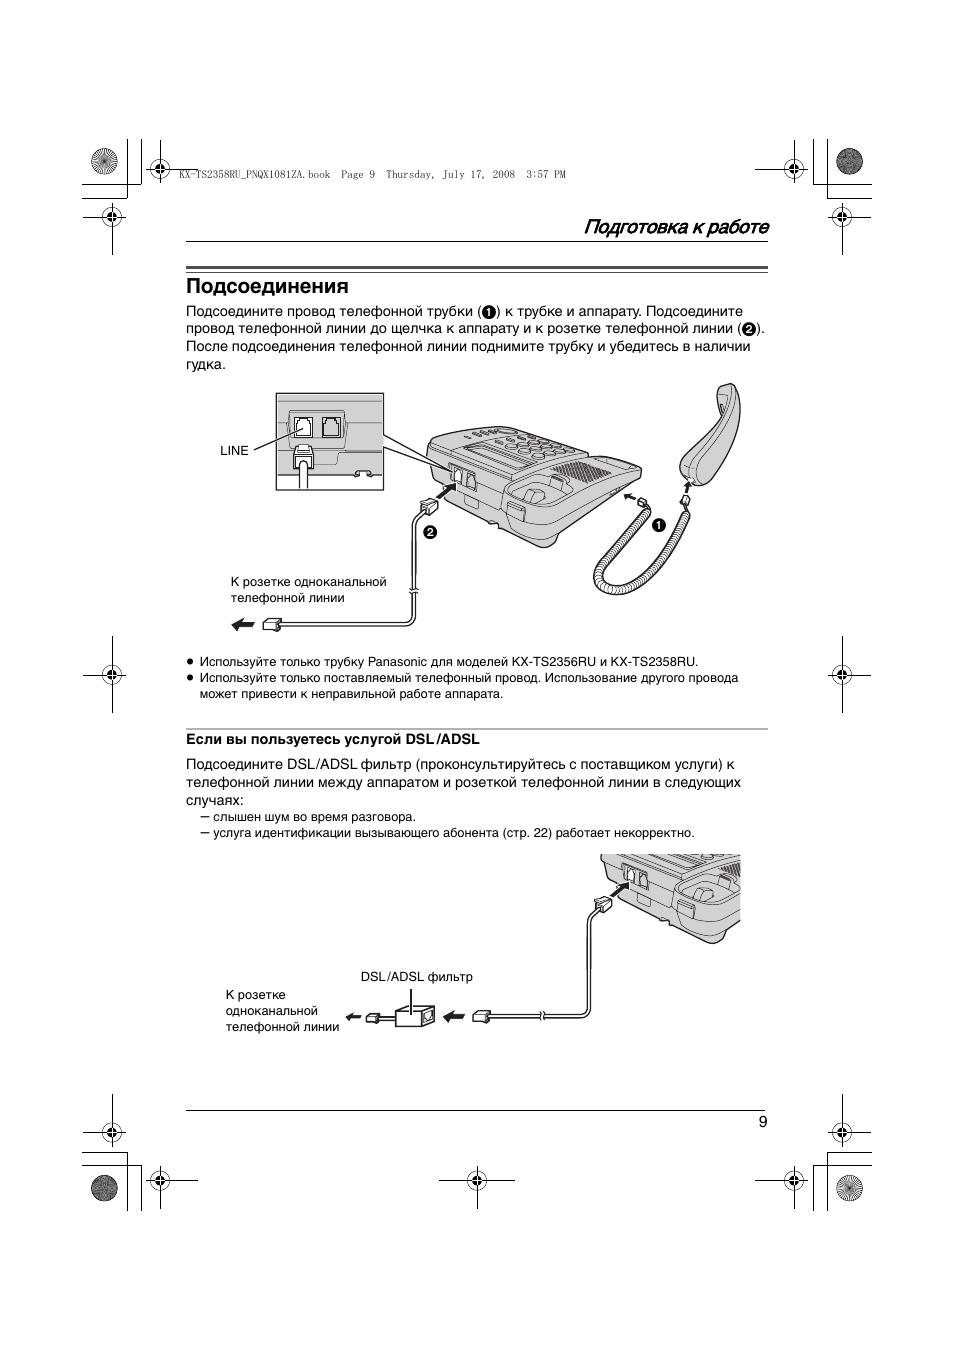 инструкция пользователя panasonic kx-ts2358ru